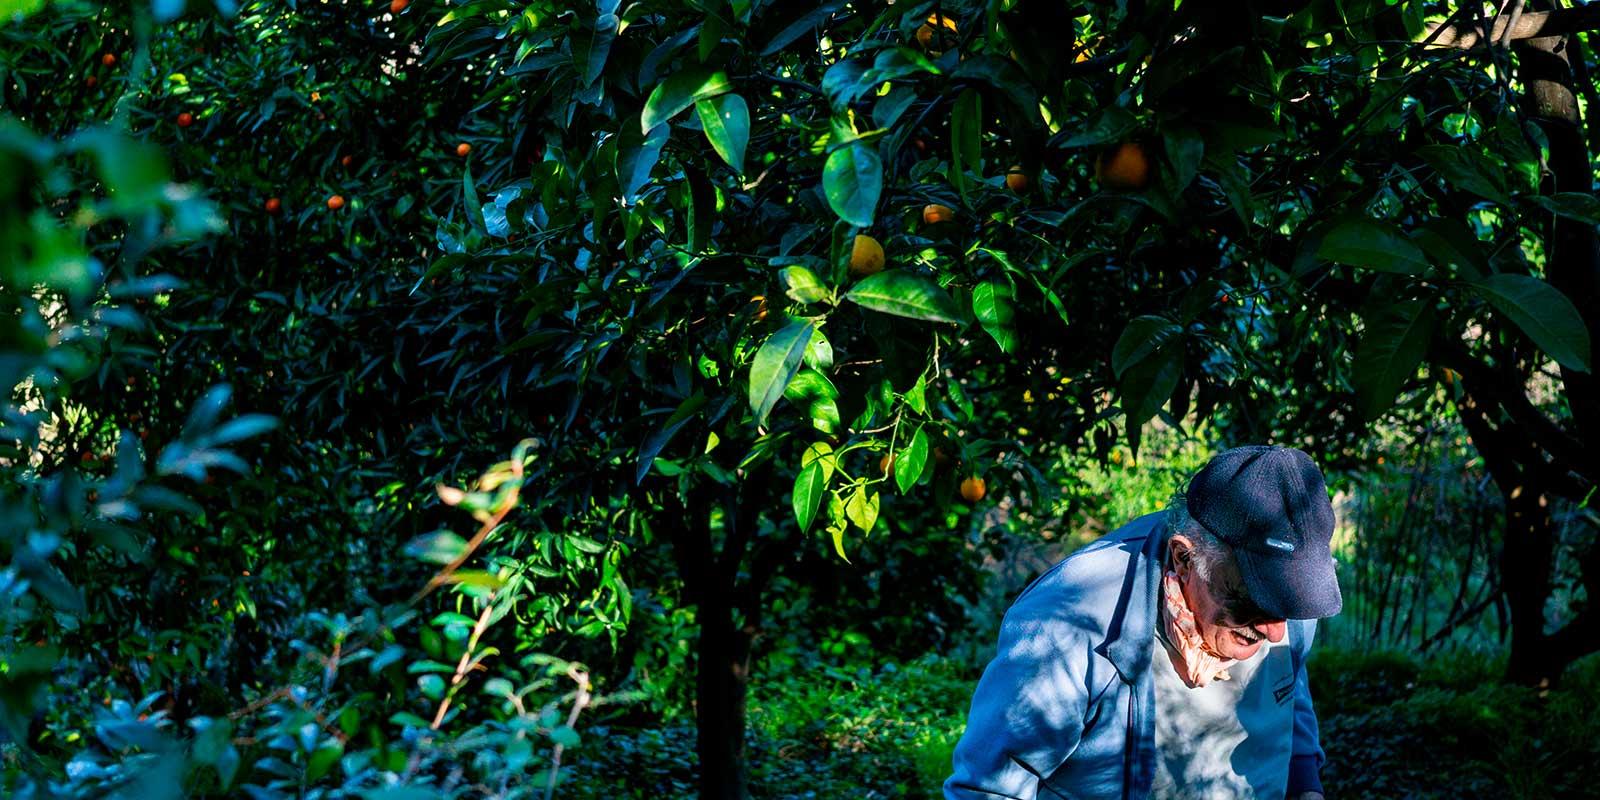 The Lemon Farmers Of The Col de la Madone